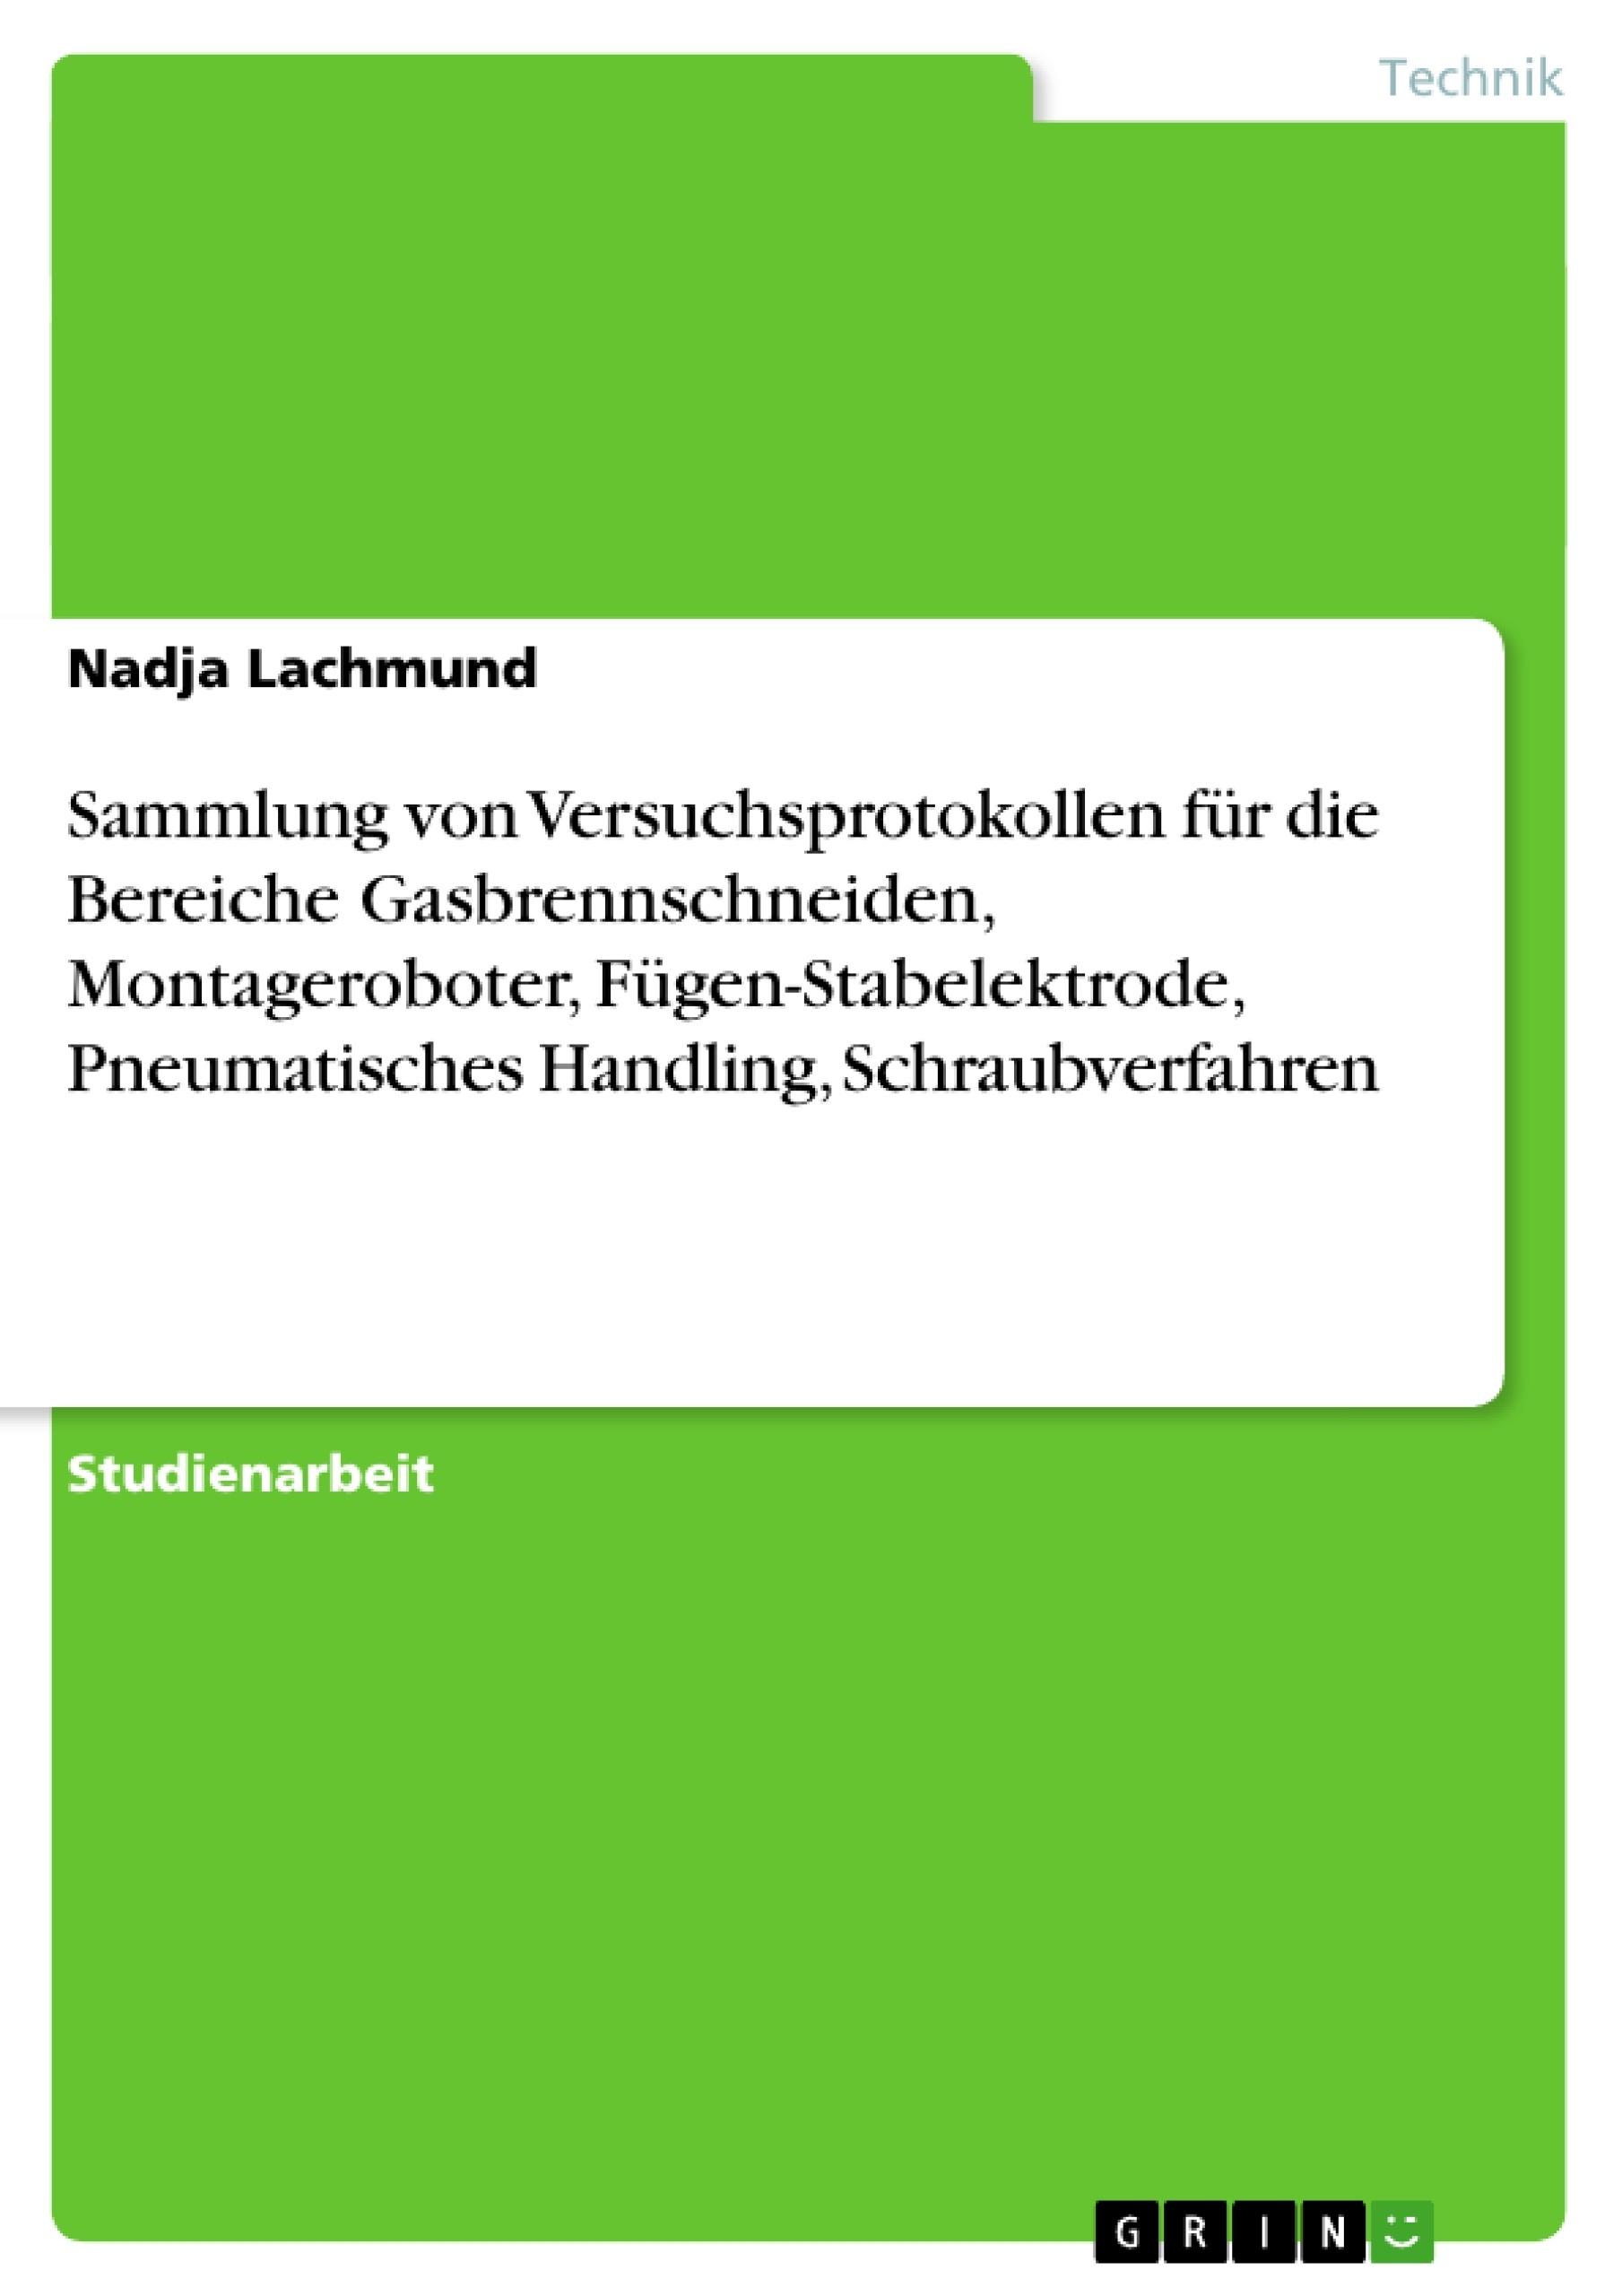 Titel: Sammlung von Versuchsprotokollen für die Bereiche Gasbrennschneiden, Montageroboter, Fügen-Stabelektrode, Pneumatisches Handling, Schraubverfahren